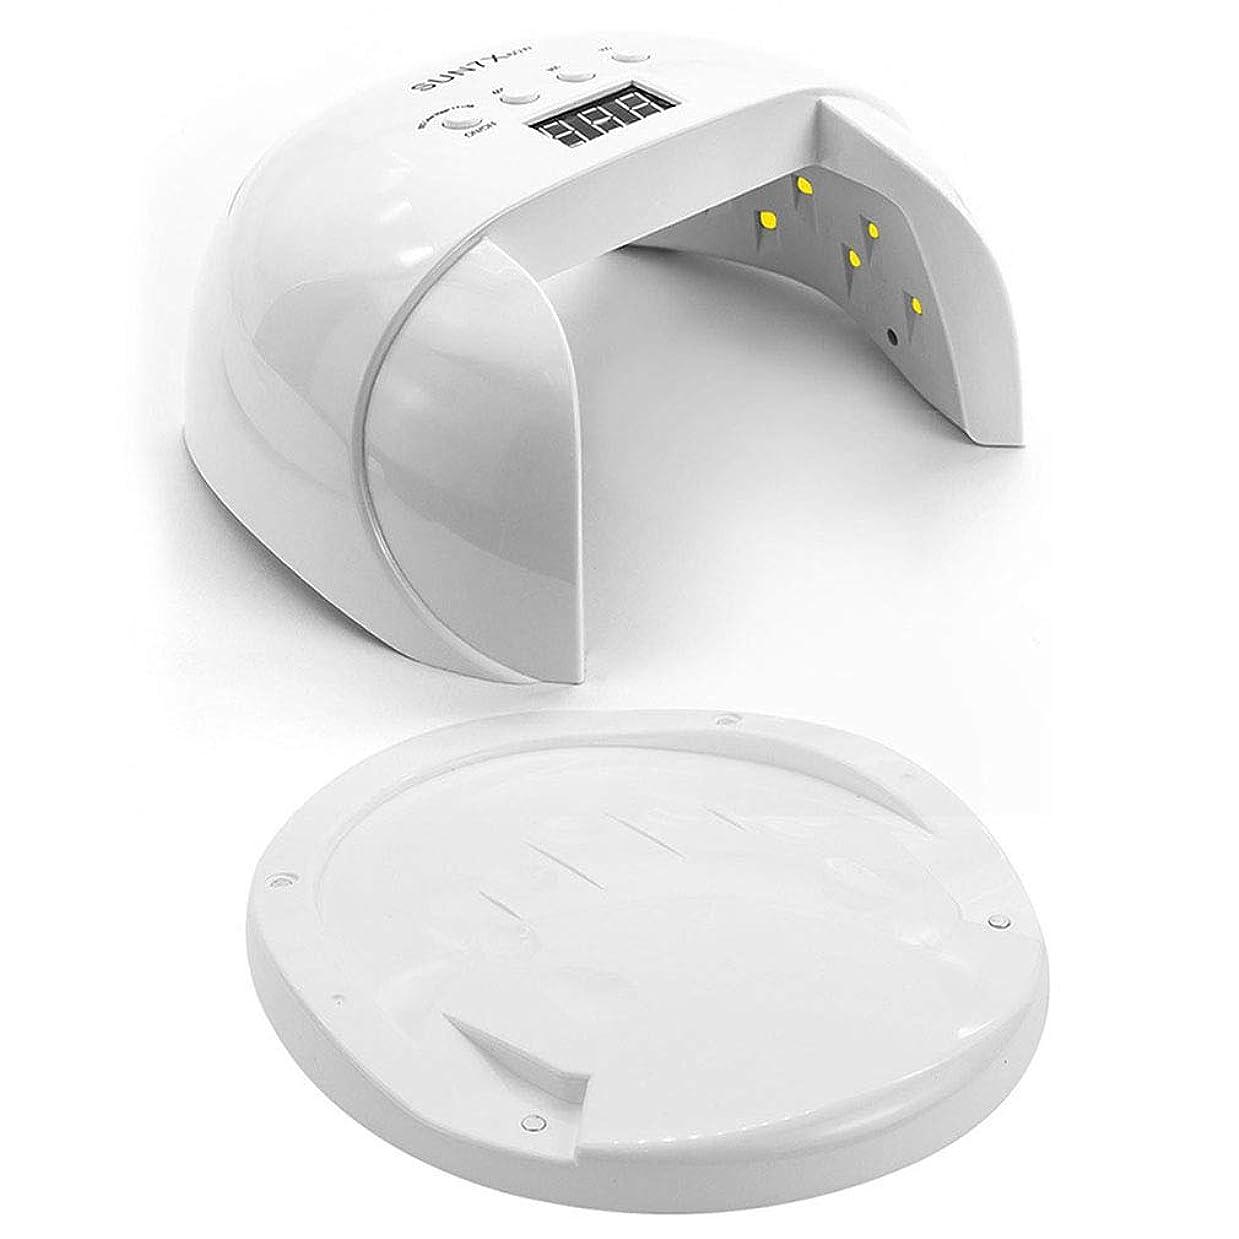 初心者活発ティーンエイジャー60ワットネイルドライヤー、タイマー付きネイル用ポータブルLED/UVランプ、赤外線センサー、LCDディスプレイ、すべてのジェルに適して